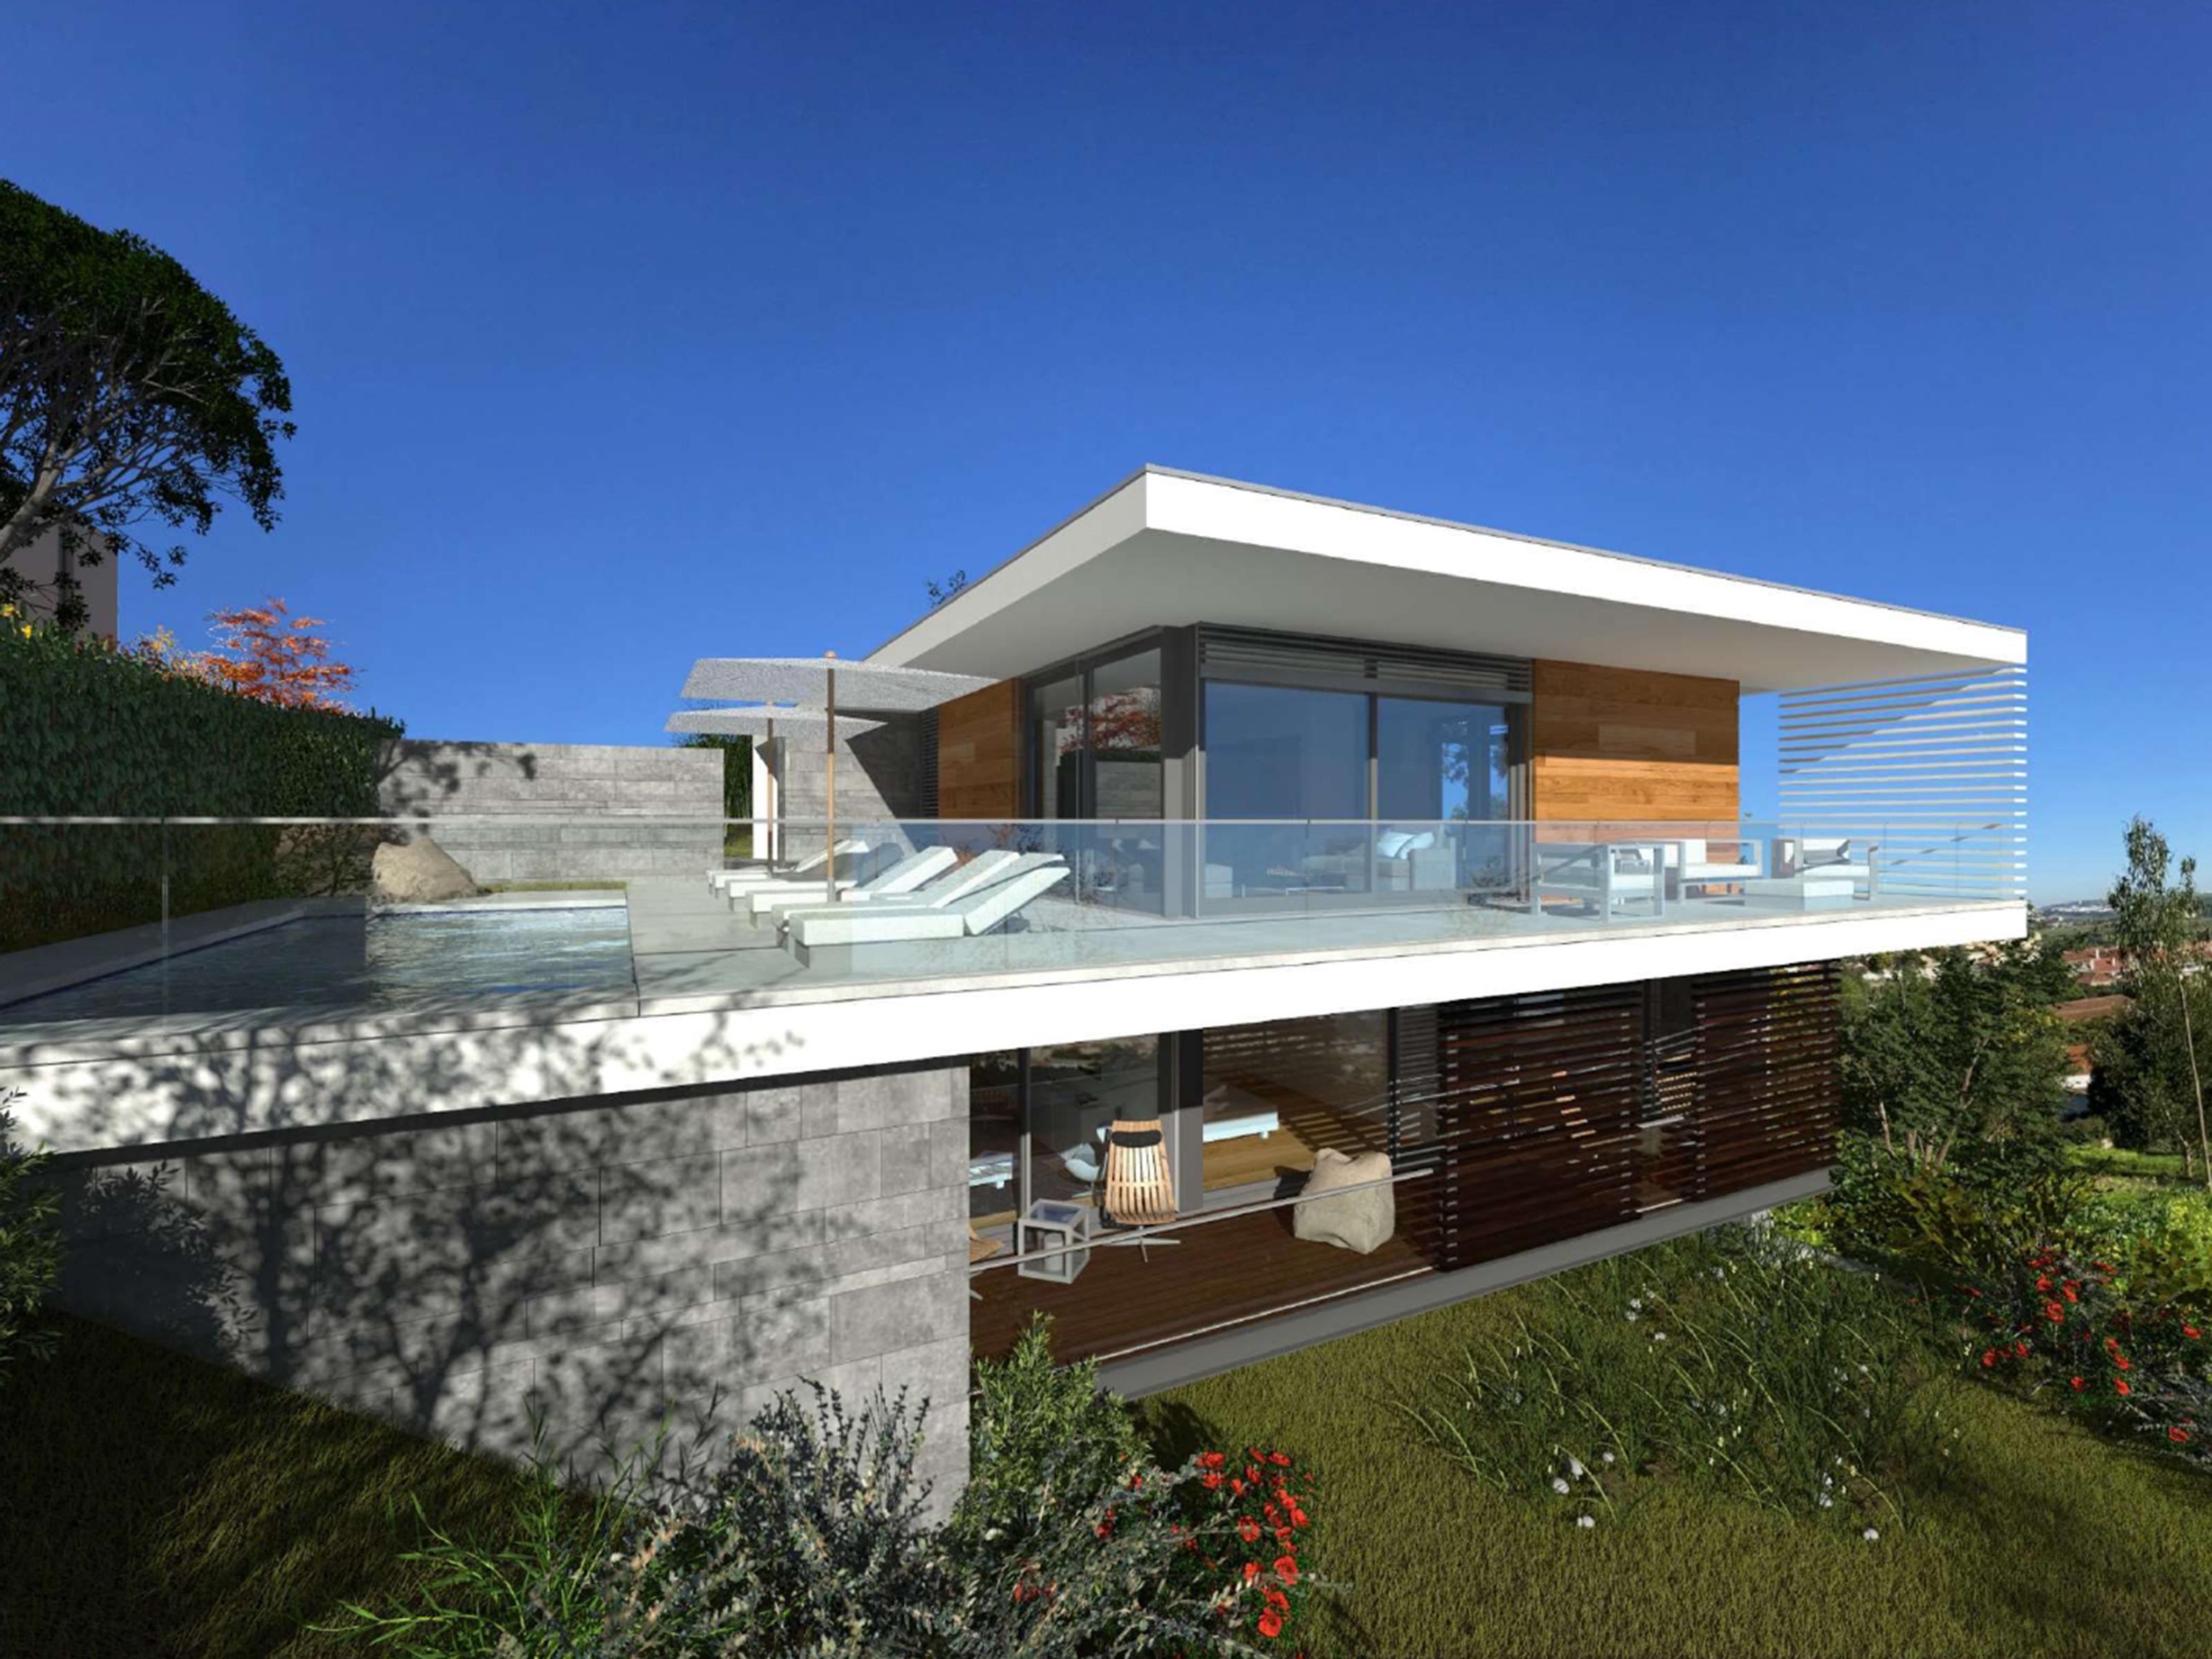 Land for private condominium next to Beloura